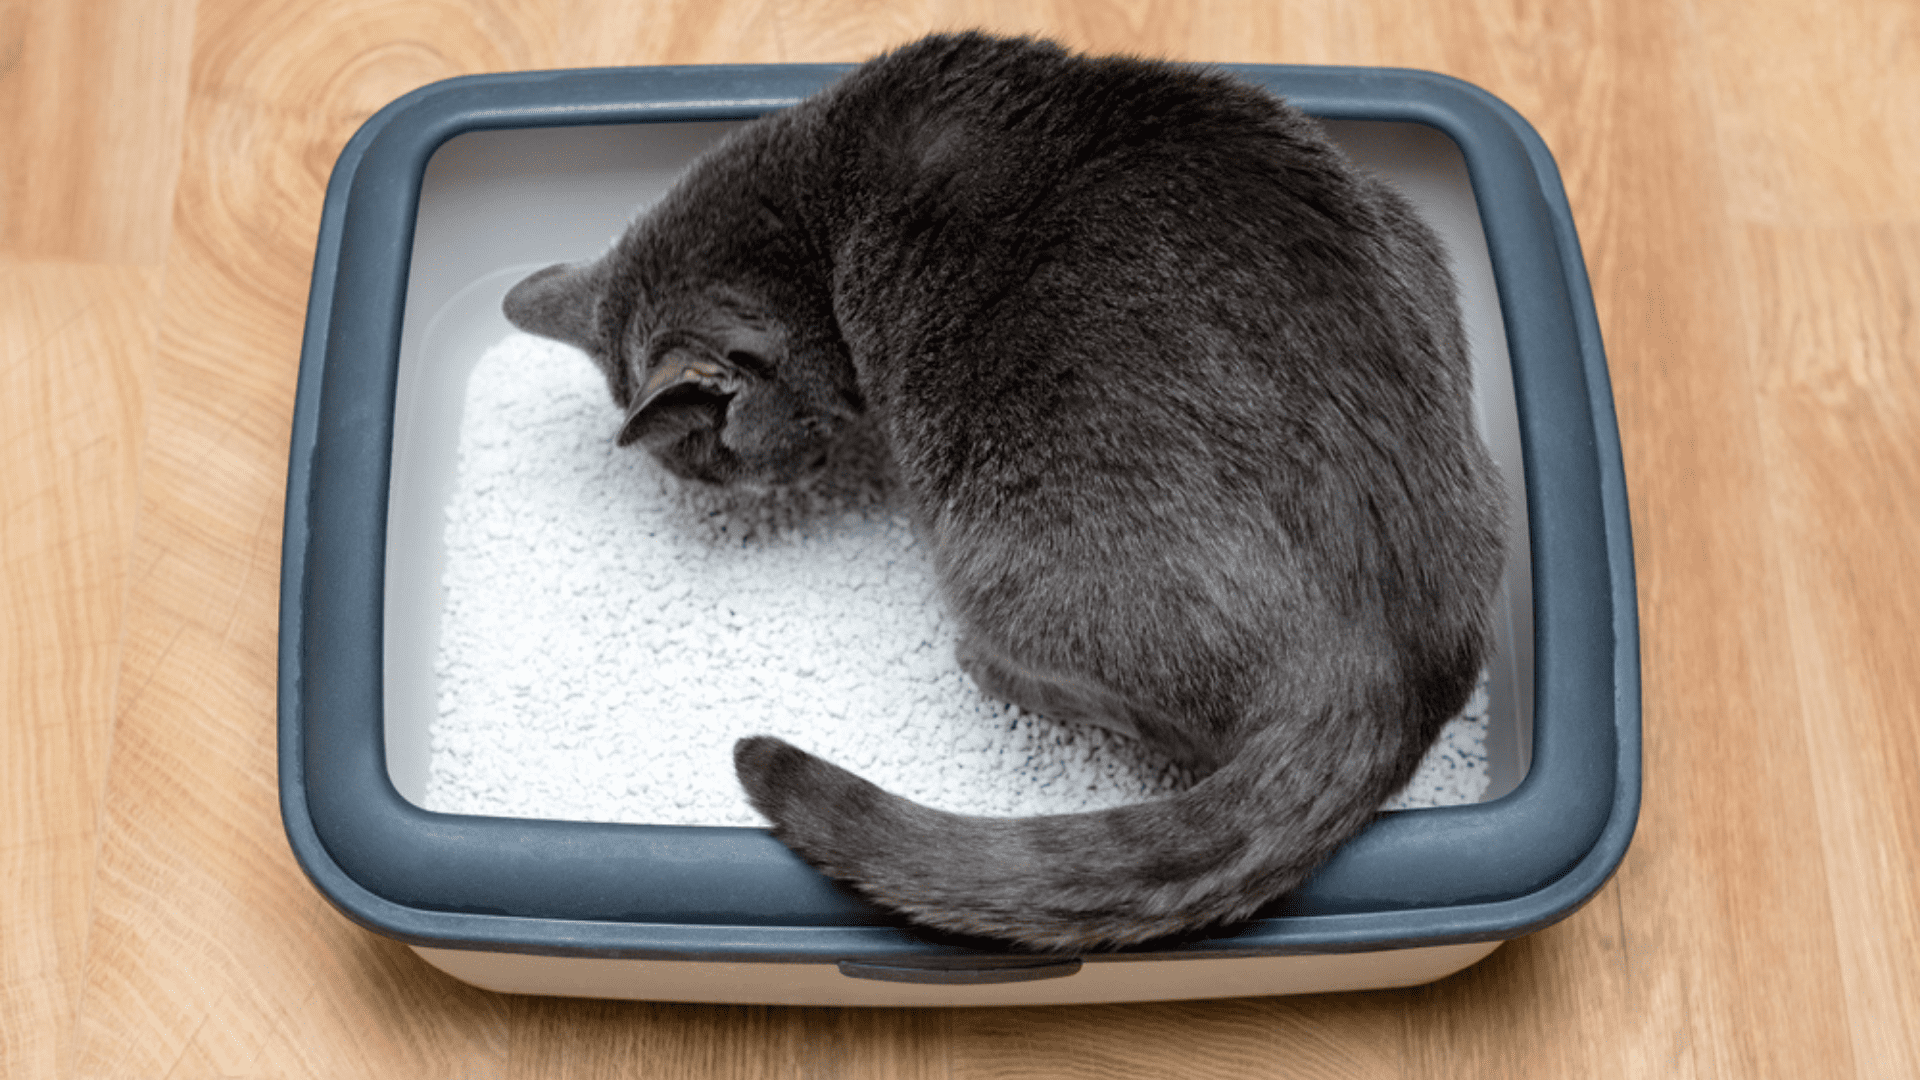 A areia para gato absorvente é mais duradoura e absorve mais a urina (Imagem: Reprodução/Shutterstock)